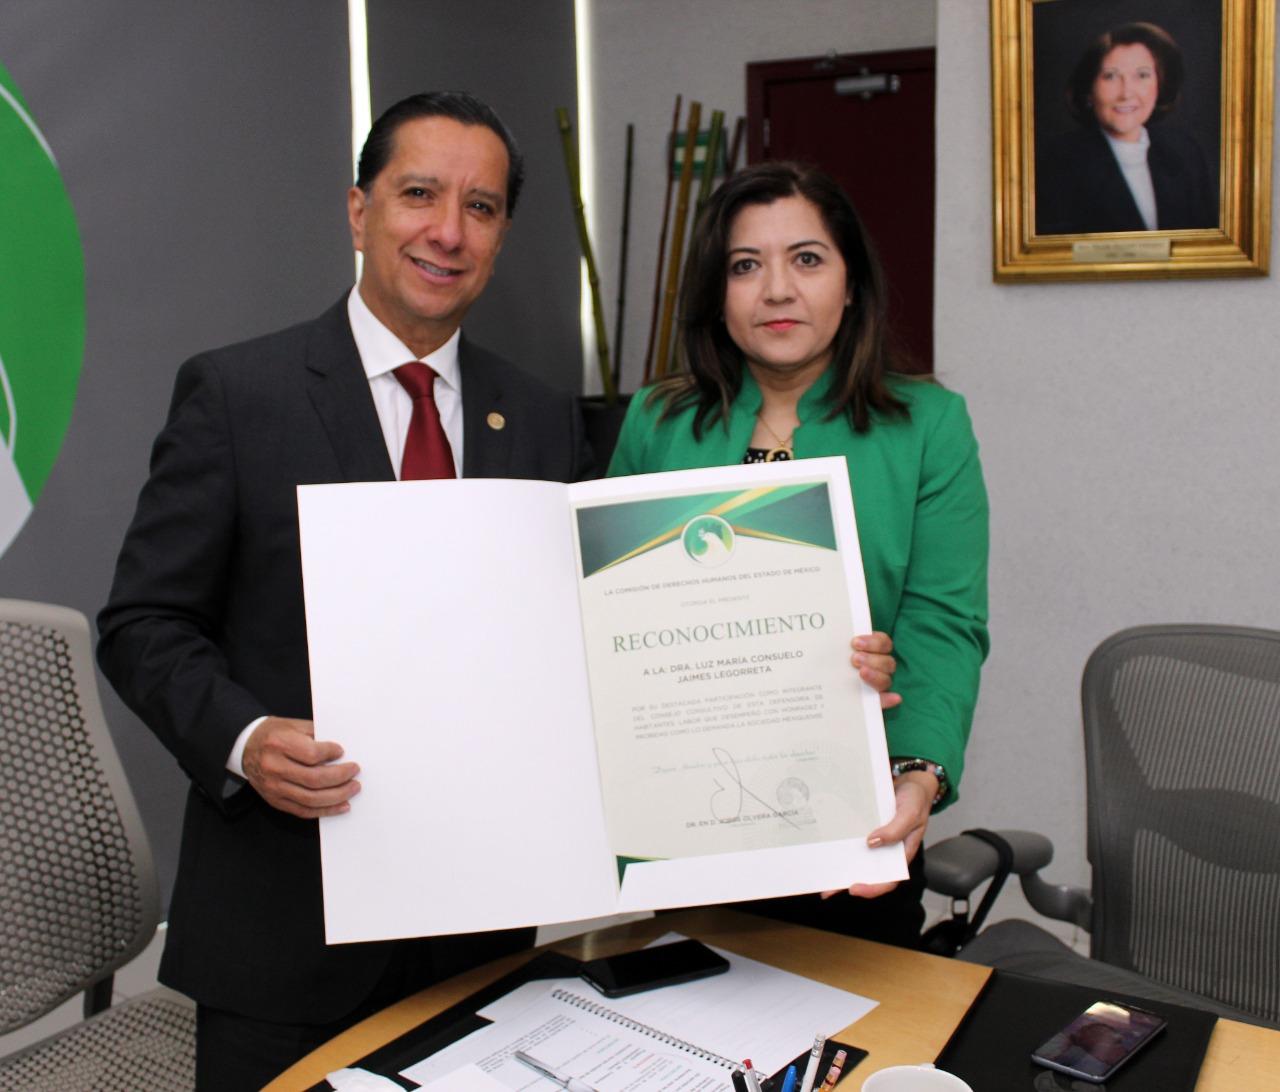 CODHEM reconoce la aportación de los consejeros ciudadanos Luz María Jaimes Y Justino Reséndiz